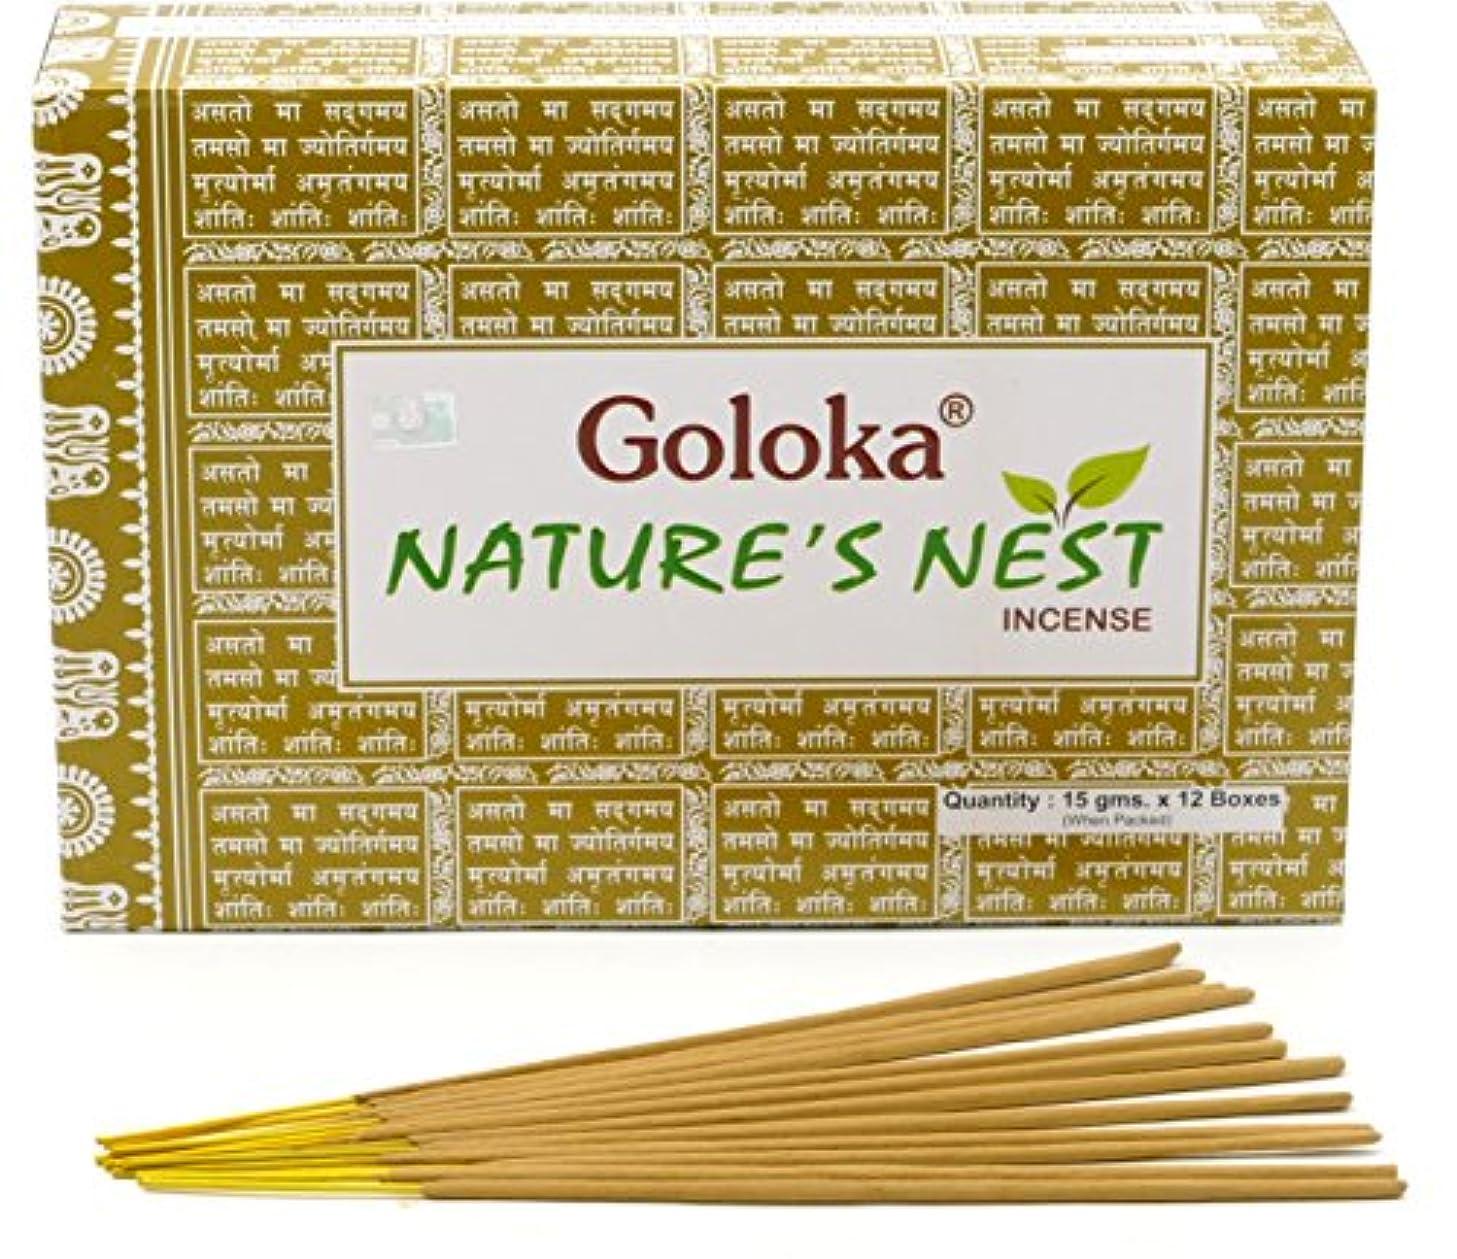 求める乗り出すつかの間Goloka Nature's Nest Masala Incense Sticks 15gms x 12 Packs by Goloka